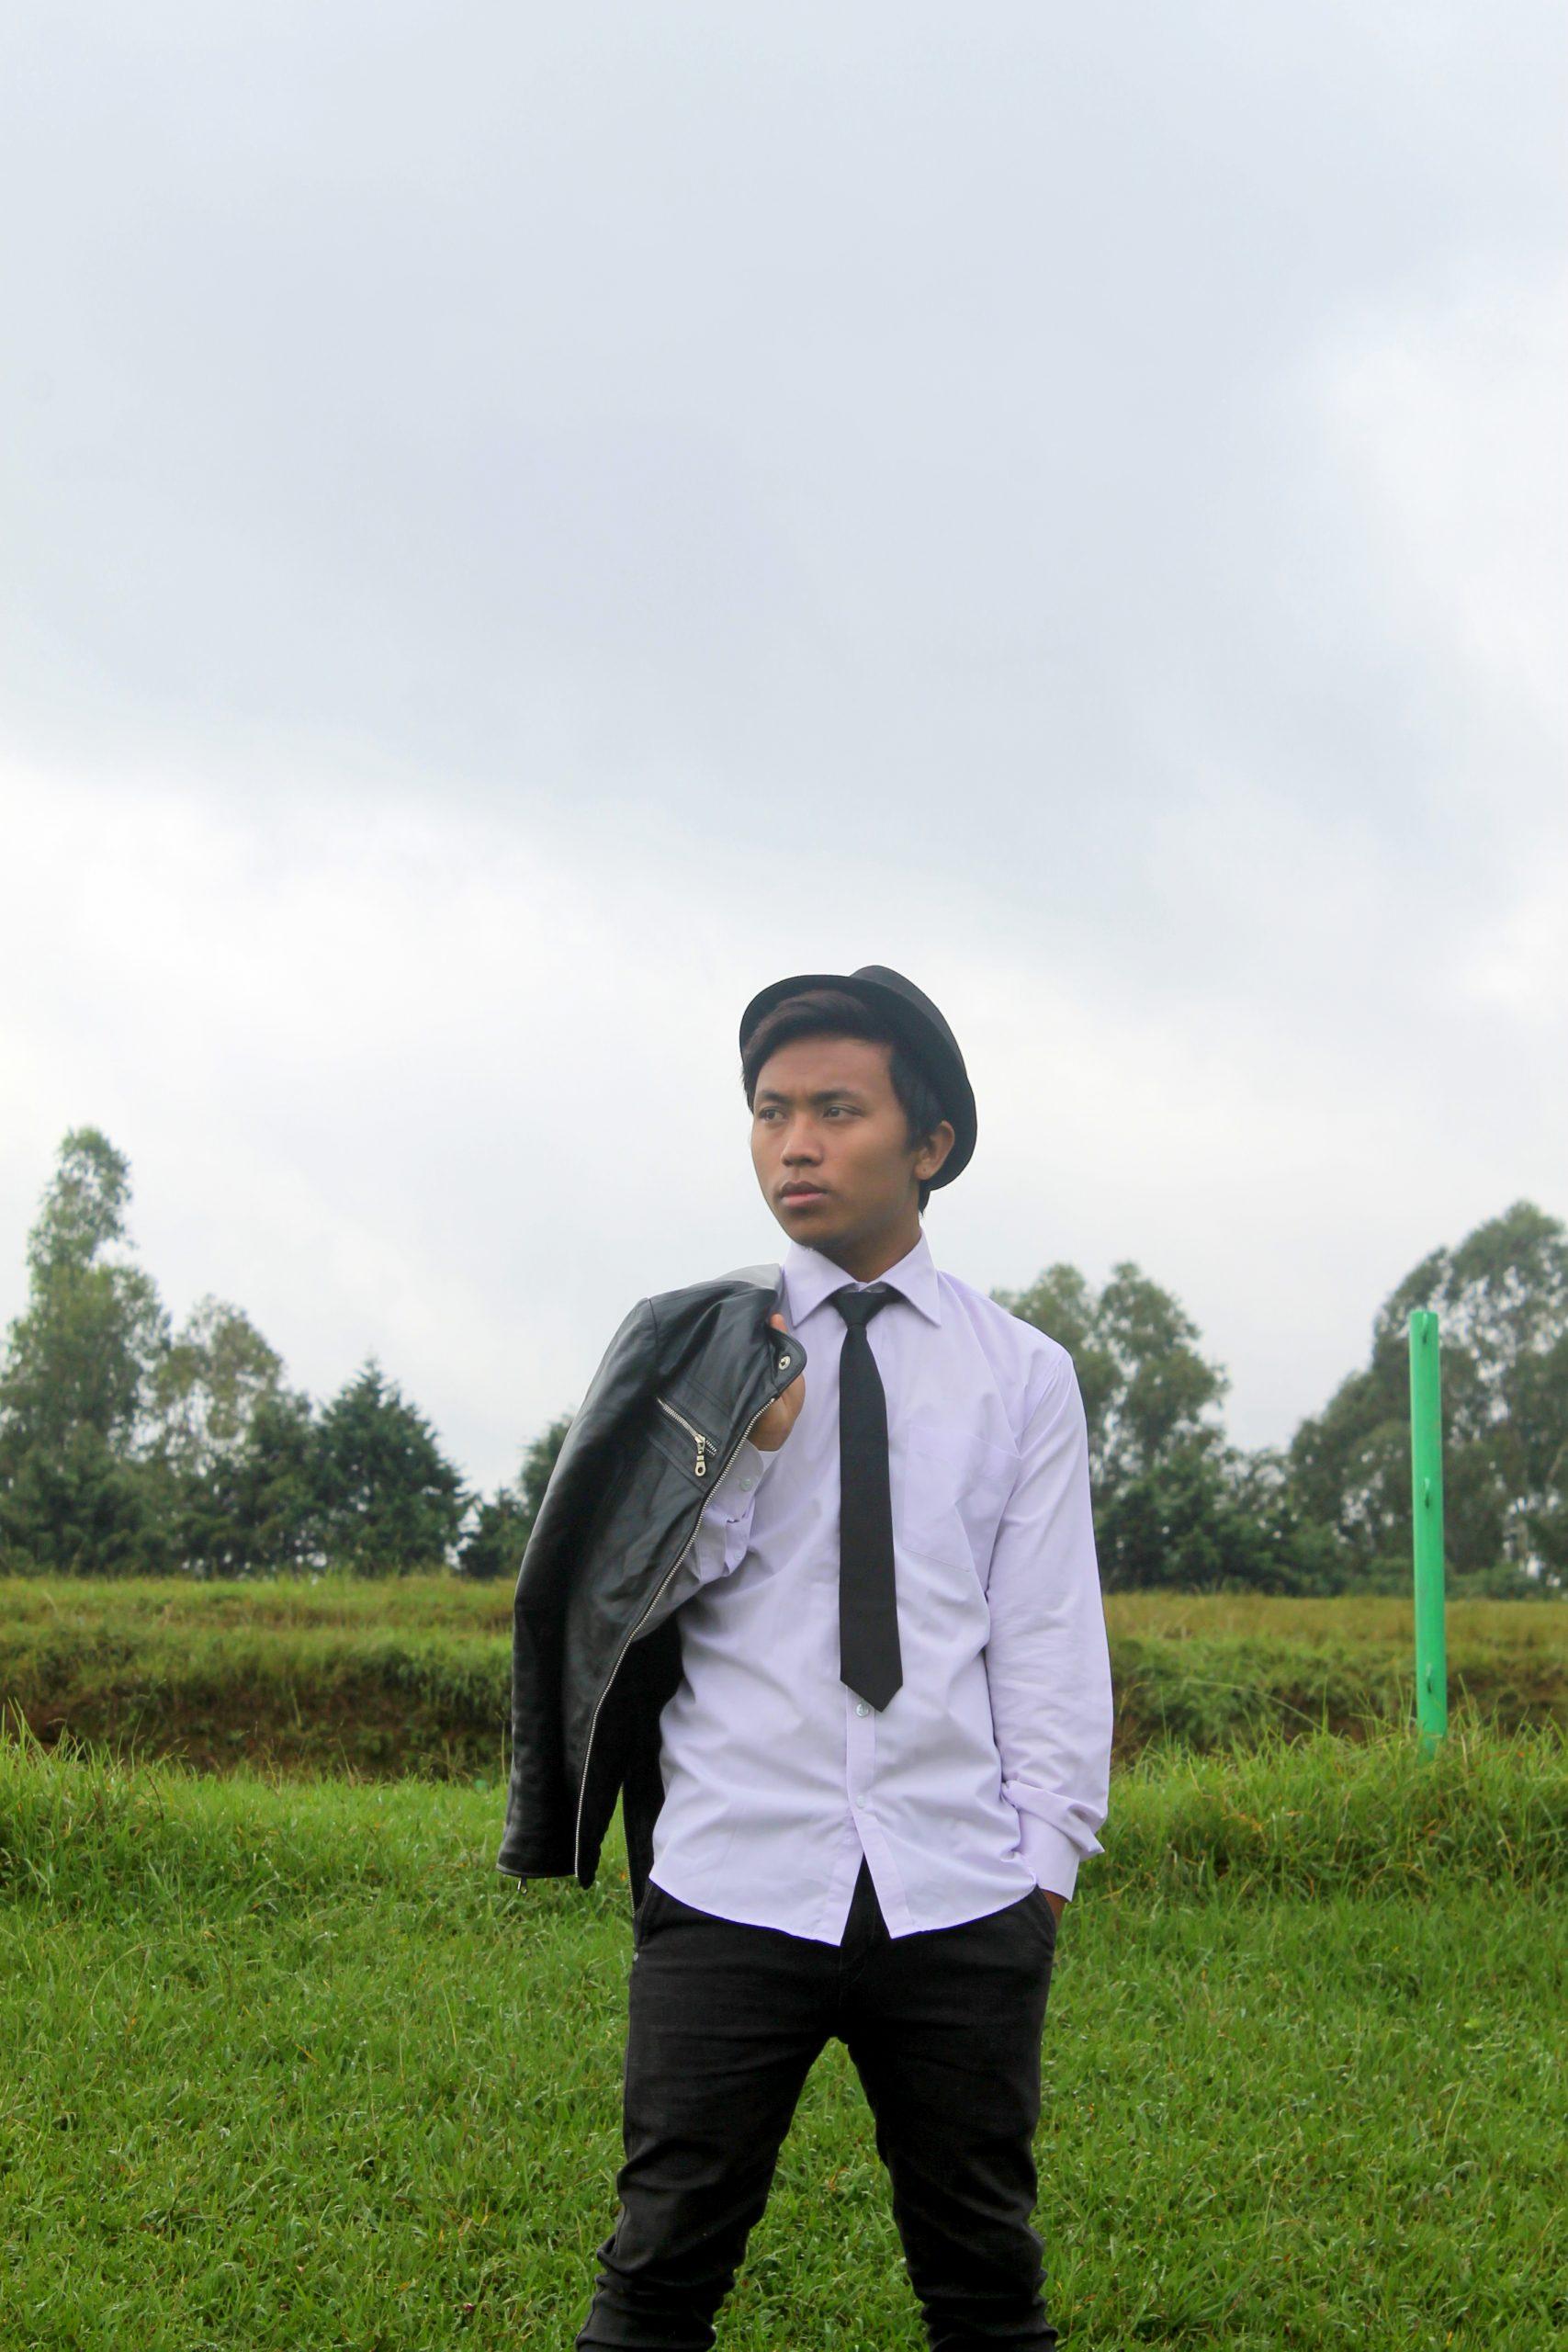 Boy posing while holding jacket